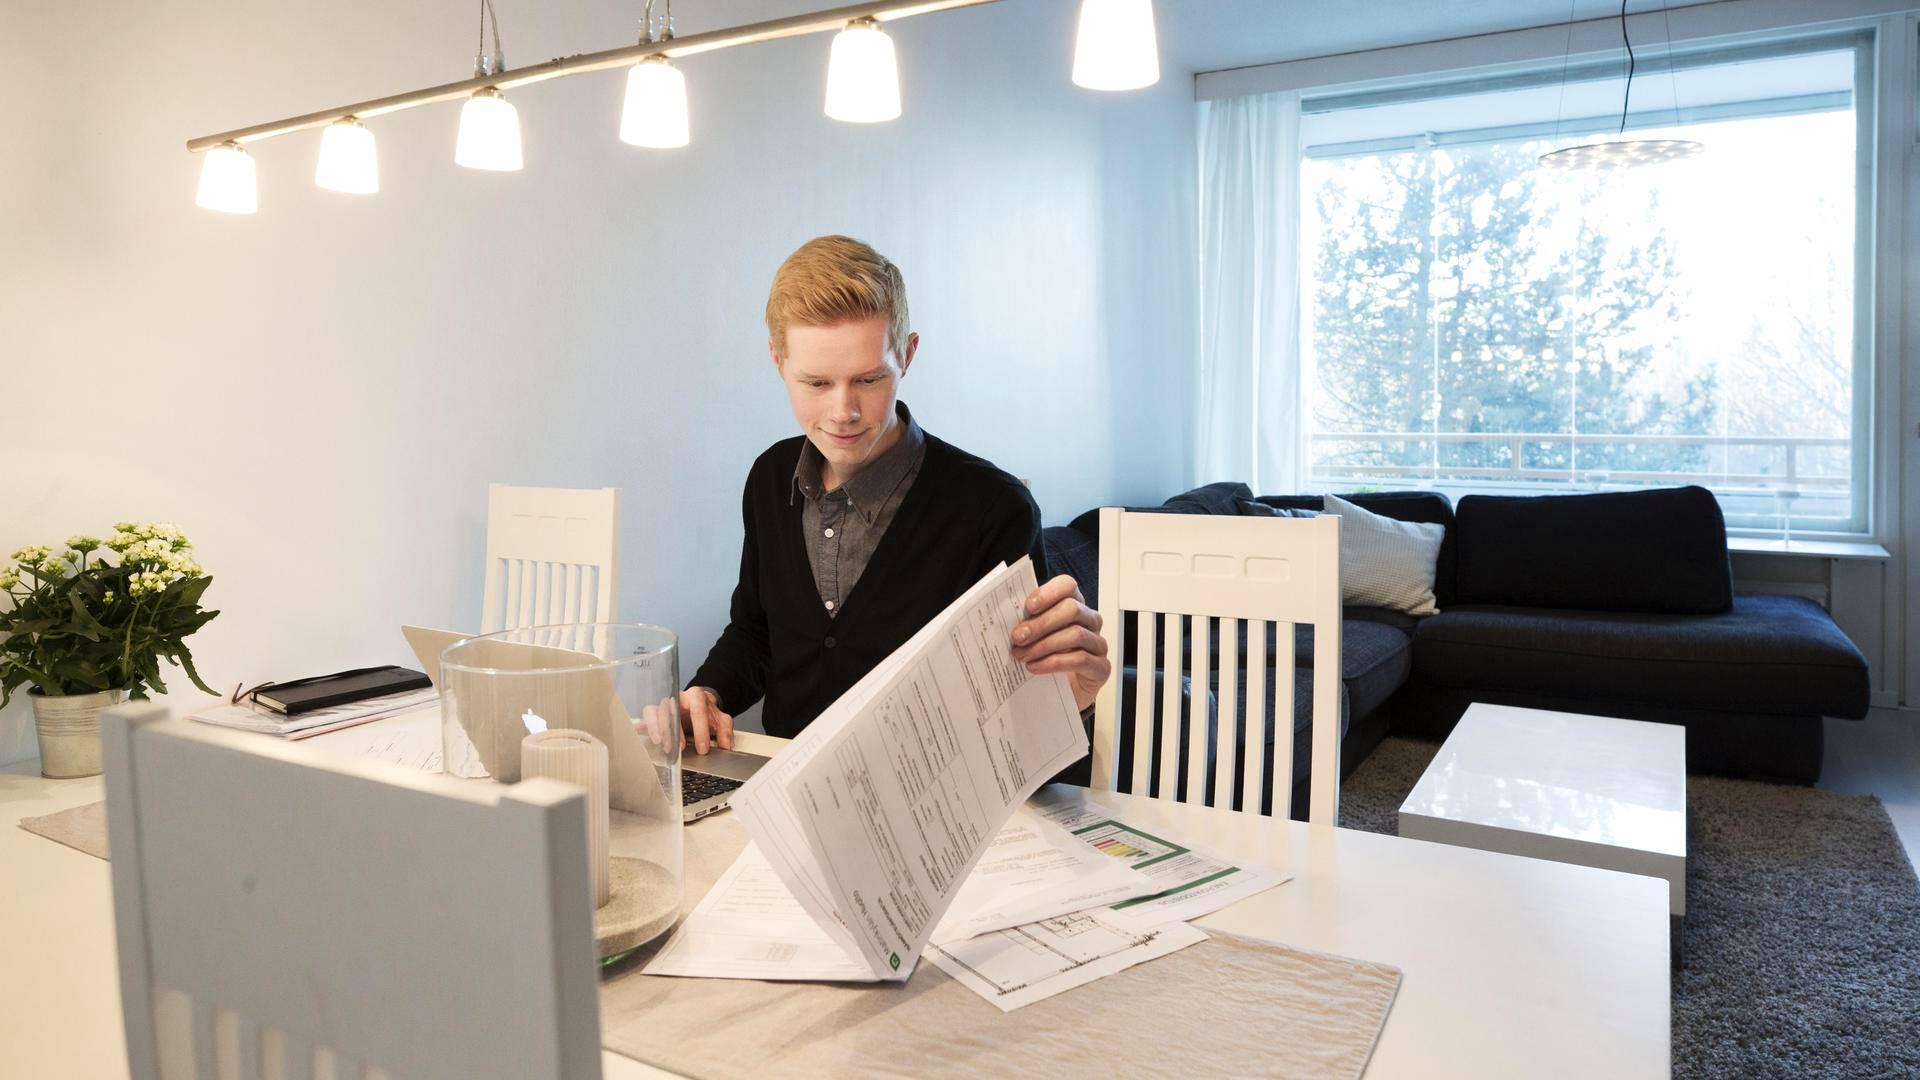 Kun Richard Westerlund sai asuntoilmoituksen nettiin, hän käytti viikon ajan kaiken vapaa-aikansa kotinsa myymiseen.